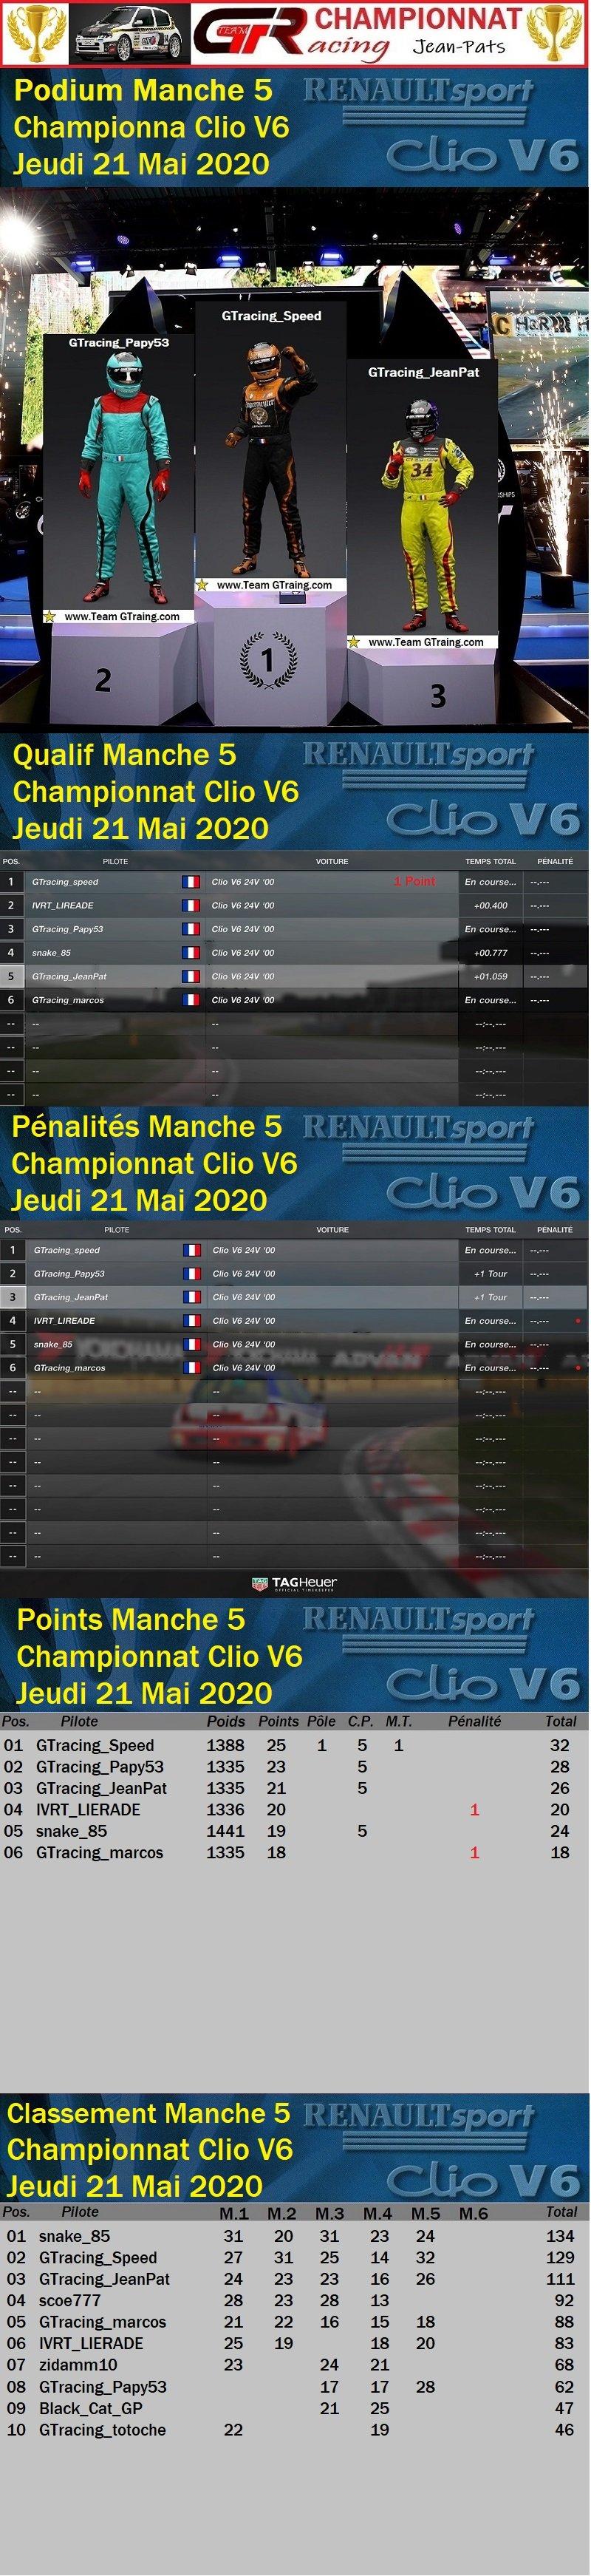 Résultat Manche 5 du Championnat Clio V6 le 21/05/2020 200525062614740003